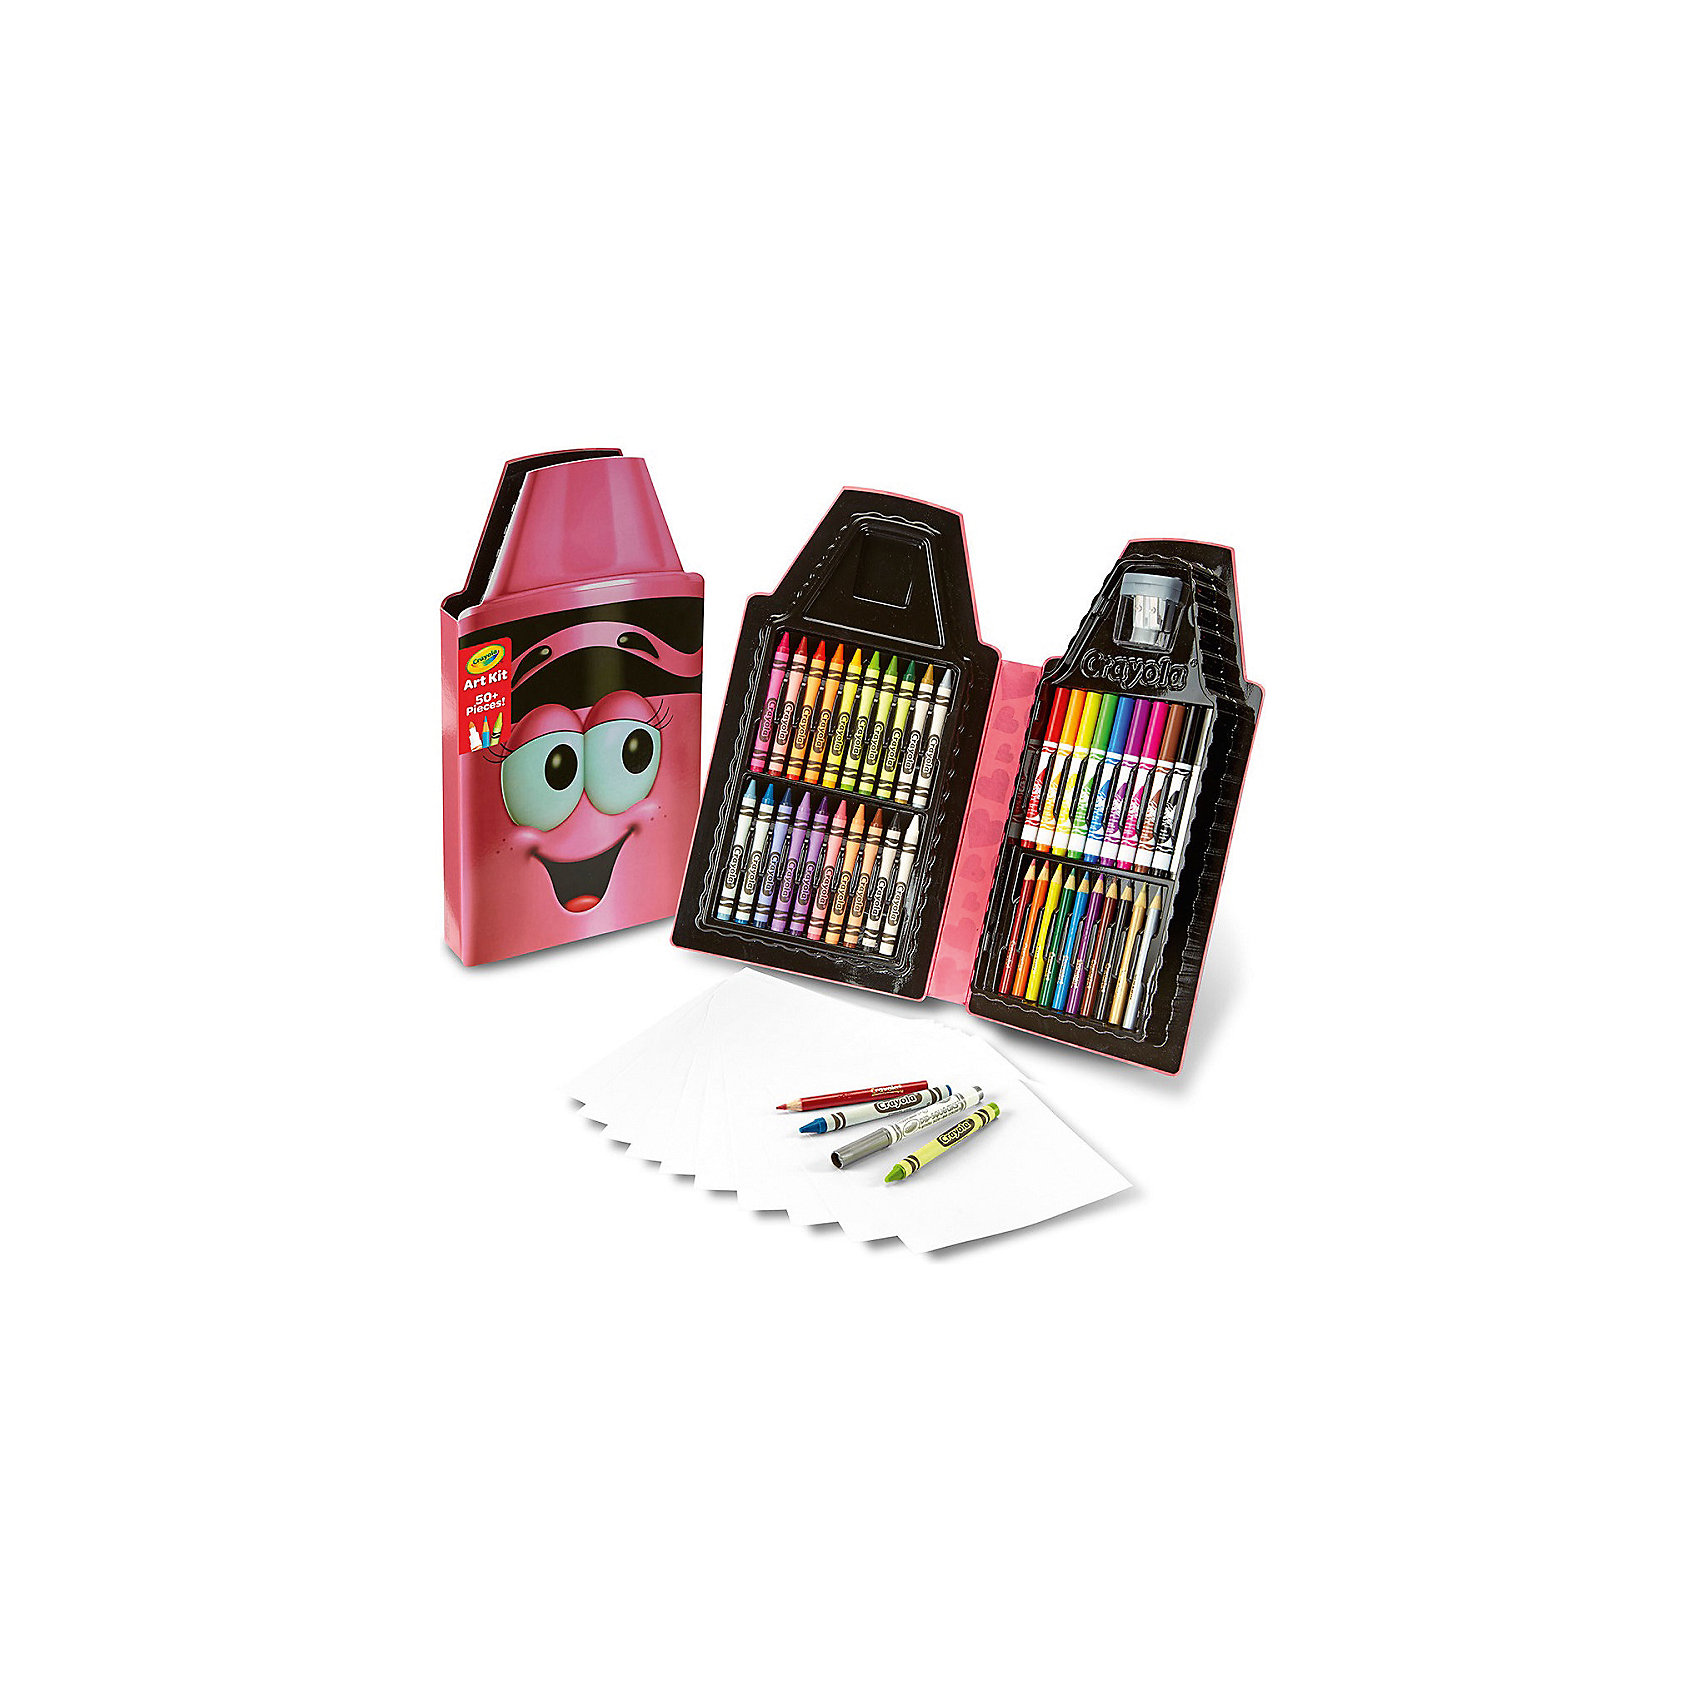 Набор для творчества Карандаш, розовый, CrayolaЦветные<br>Набор для творчества Карандаш (розовый) – отличный сюрприз для юной художницы. Удобный красочный пенал включает в себя двадцать восковых мелков, десять фломастеров, десять цветных карандашей, а также десять чистых листов бумаги, на которых можно рисовать свои шедевры. Также в комплект входит удобная точилка, которая позволяет точить карандаши двух разных диаметров. После рисования, ребенок сможет сложить все карандаши и фломастеры обратно в пенал, который сохранит свое содержимое до следующего использования. <br>В комплект входит: 20 восковых мелков, 10 фломастеров, 10 цветных карандашей, точилка и 10 чистых листов бумаги.<br>Рекомендуемый возраст: от 5 лет.<br><br>Ширина мм: 320<br>Глубина мм: 30<br>Высота мм: 175<br>Вес г: 360<br>Возраст от месяцев: 60<br>Возраст до месяцев: 2147483647<br>Пол: Женский<br>Возраст: Детский<br>SKU: 5574415